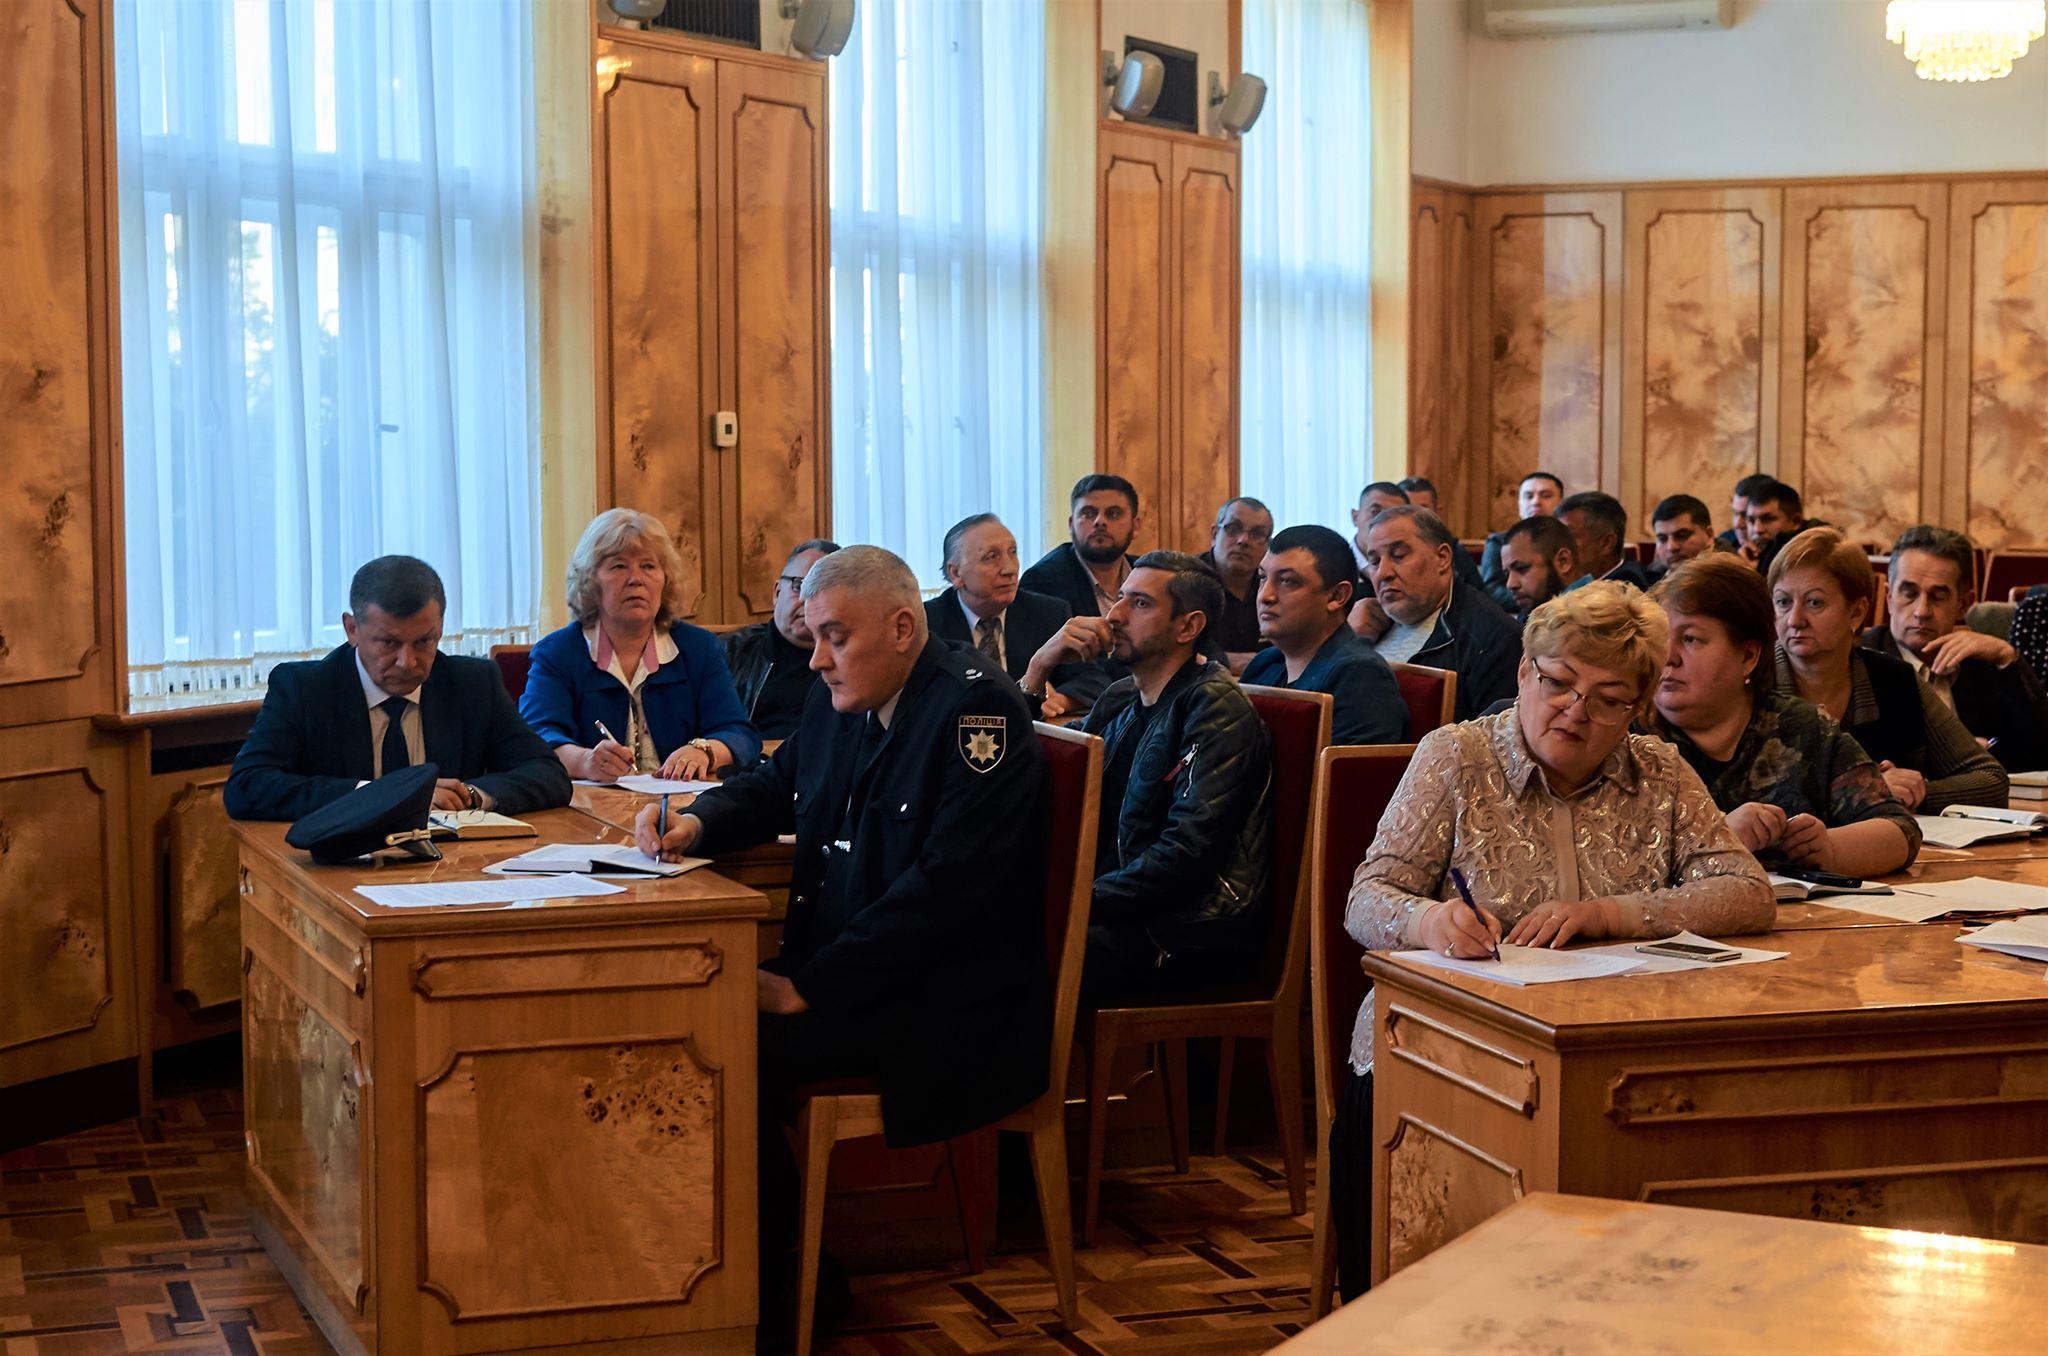 Питання безпеки у циганських громадах Закарпаття вийшло на рівень центральних органів влади (ФОТО)